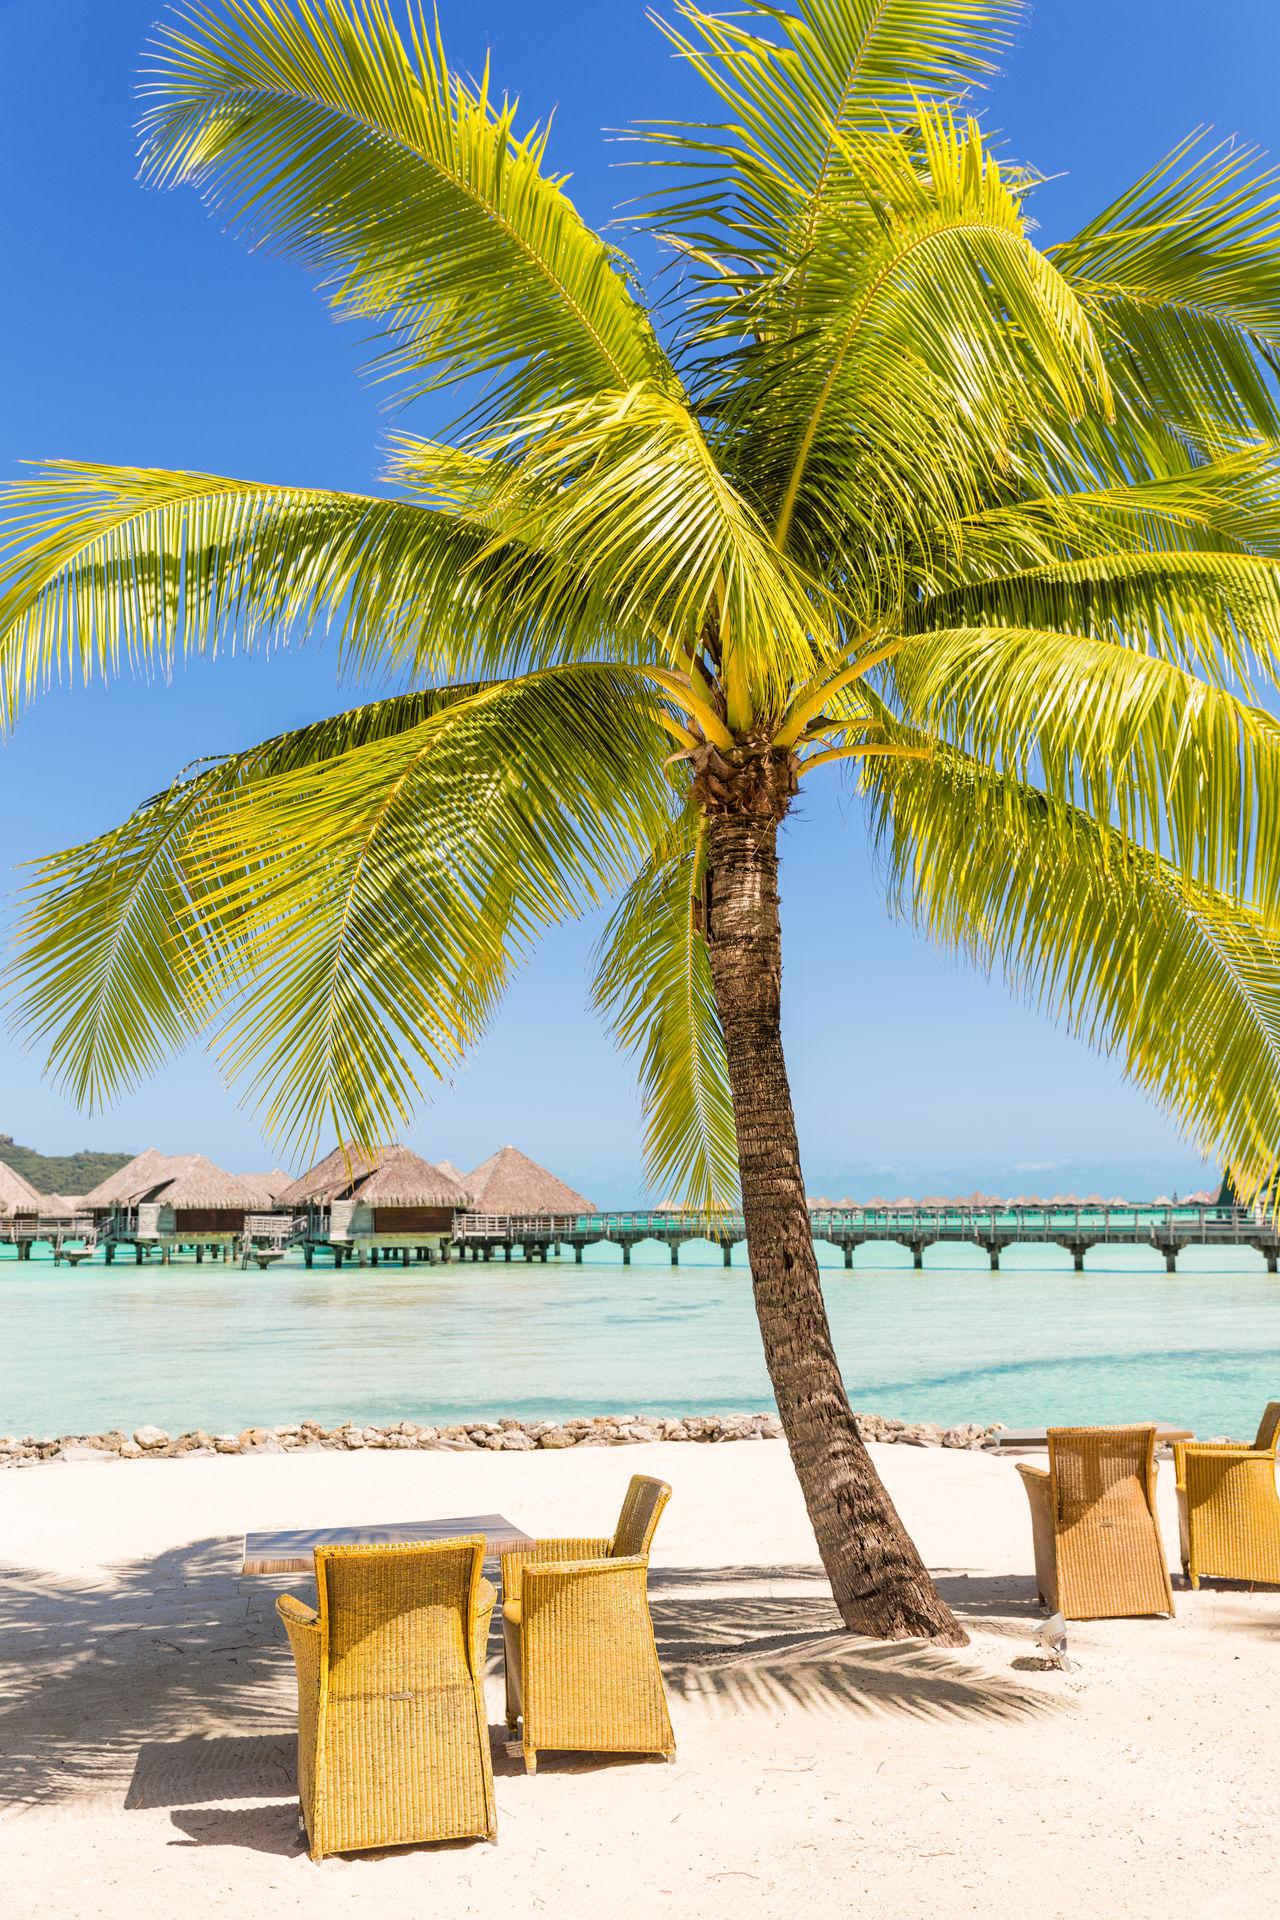 Beautiful stock photos of bora bora, sea, palm tree, blue, beach